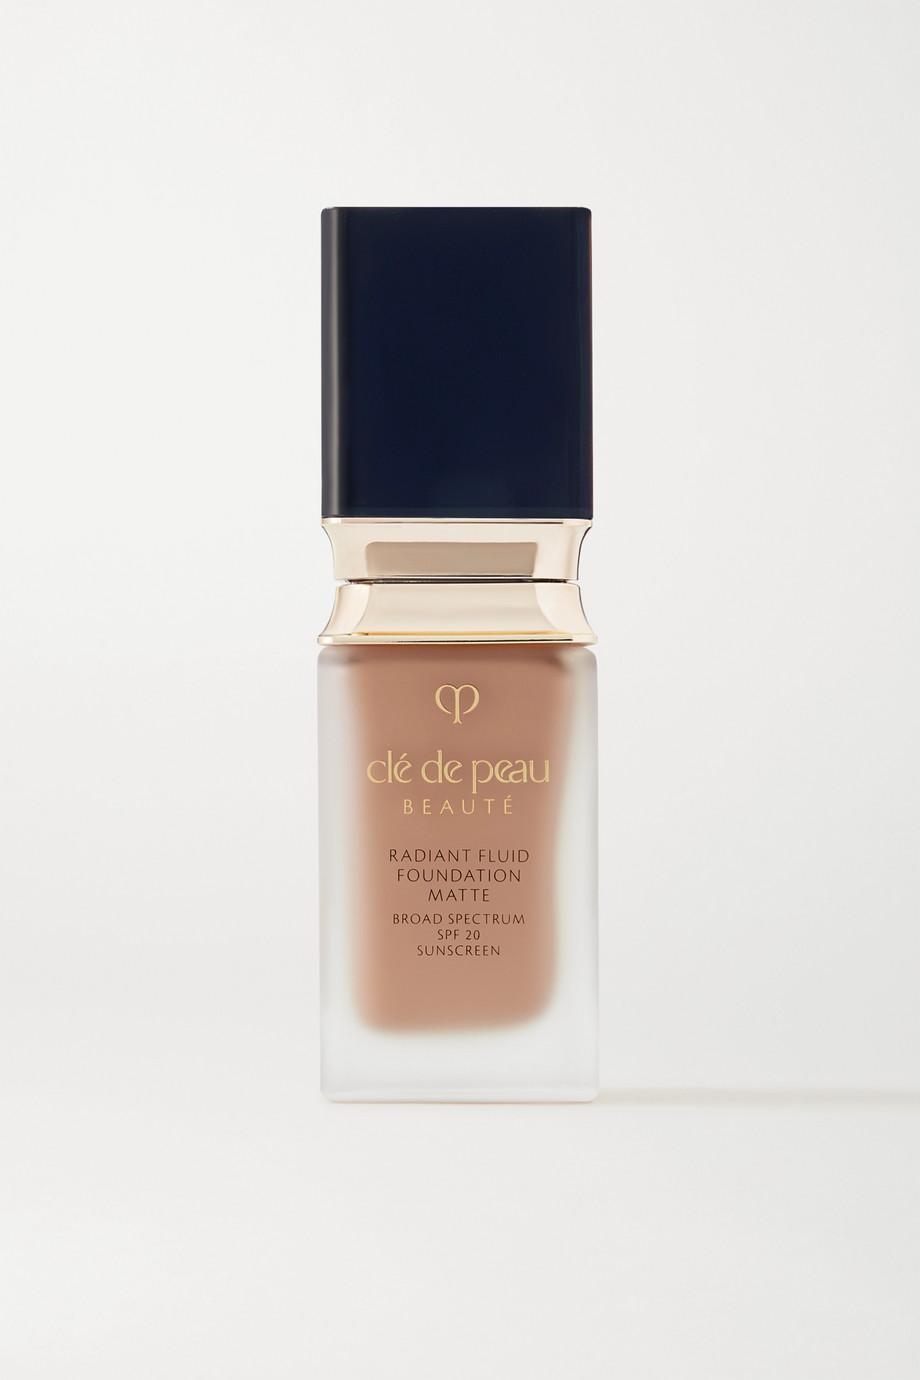 Clé de Peau Beauté Radiant Fluid Matte Foundation SPF20 - O10, 35ml